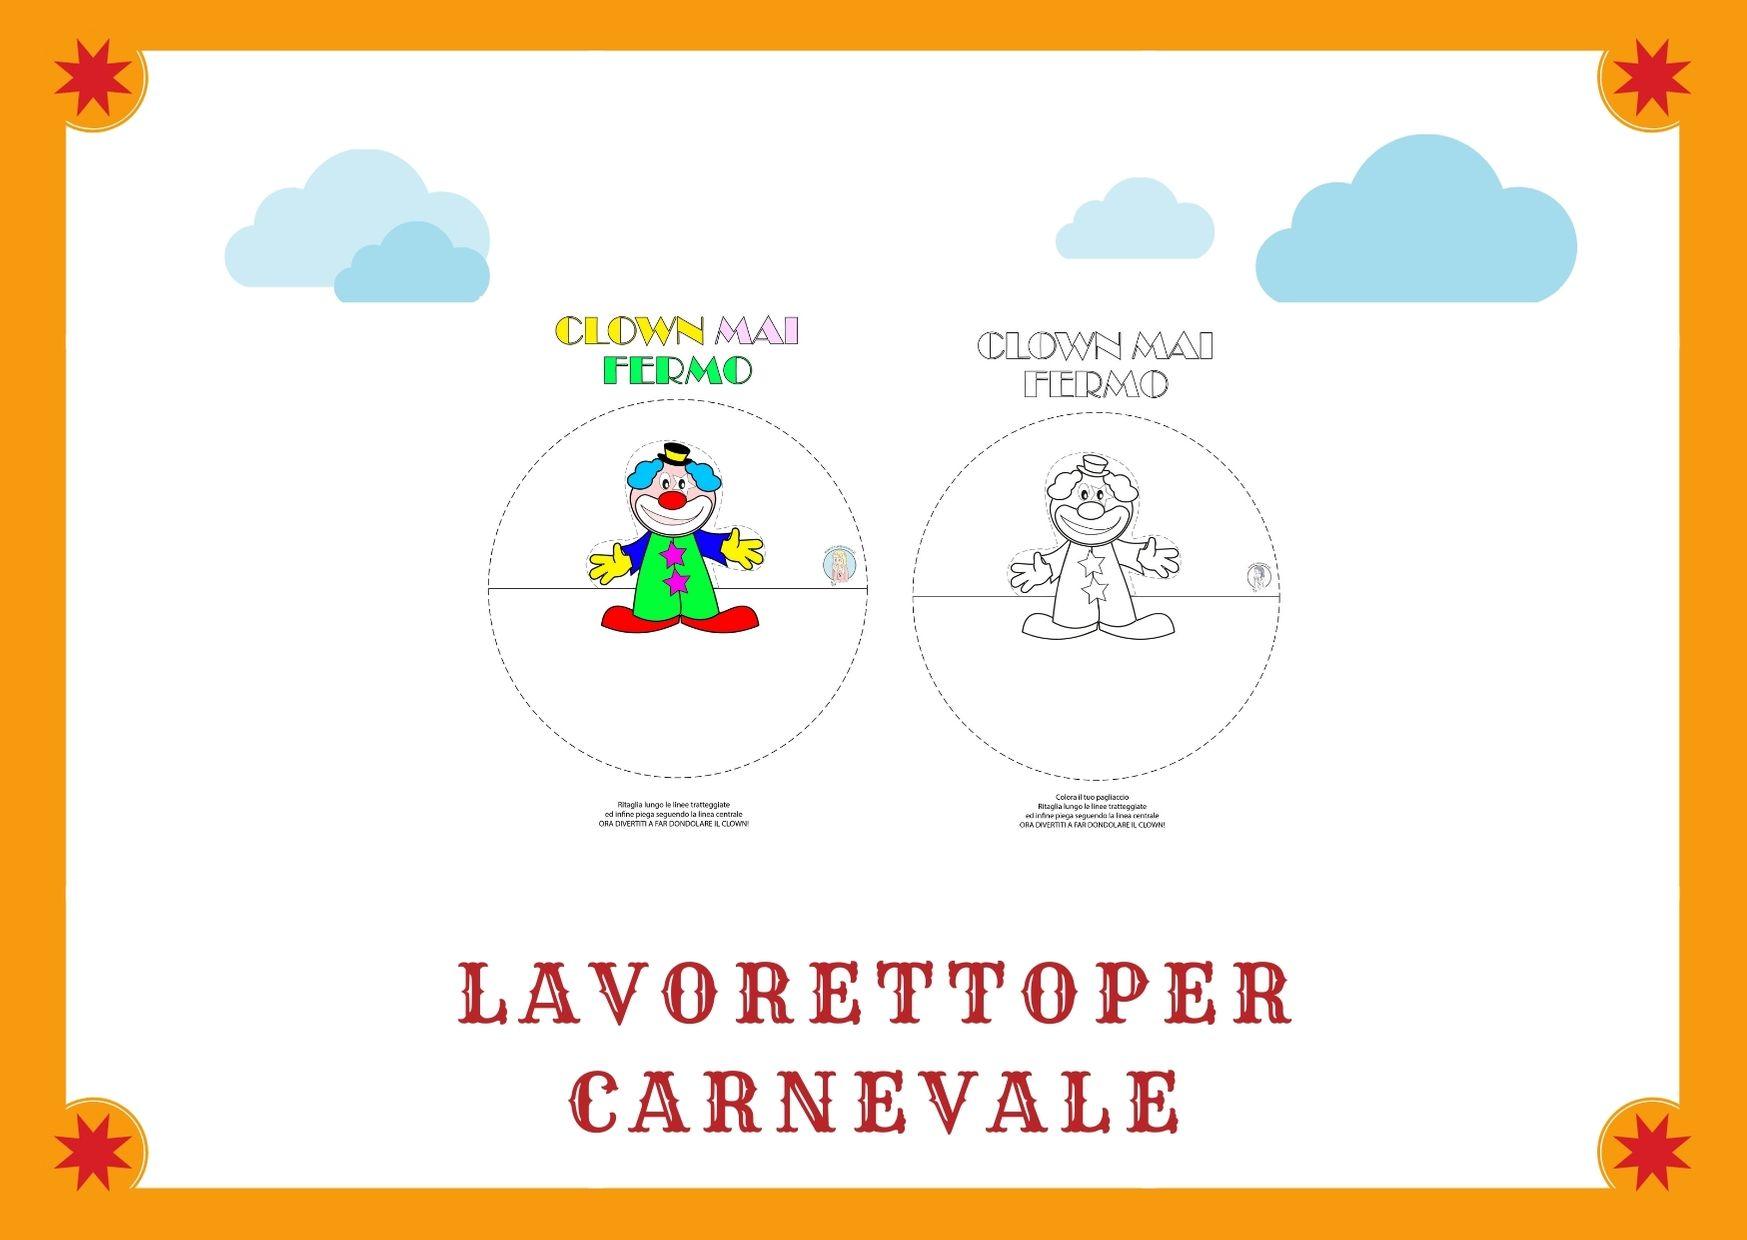 Lavoretto di Carnevale per bambini: semplice clown che dondola